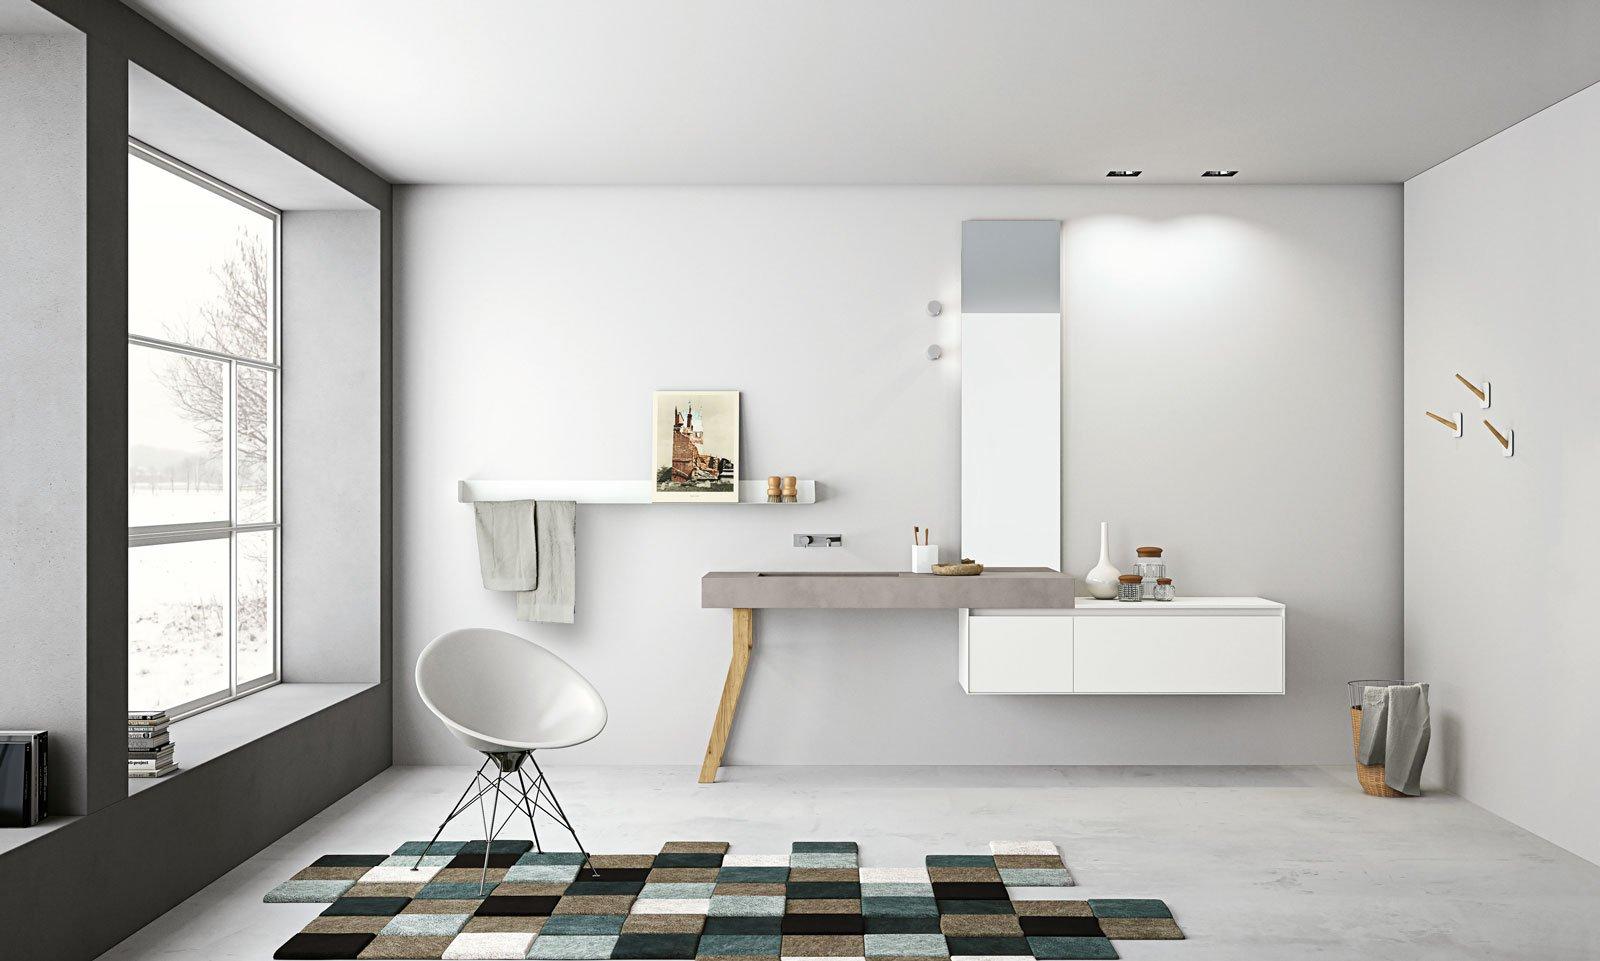 La linea Aria, di Altamarea Bath, in Micromalta. E' un progetto di Willy Dalto di Imago-Design.